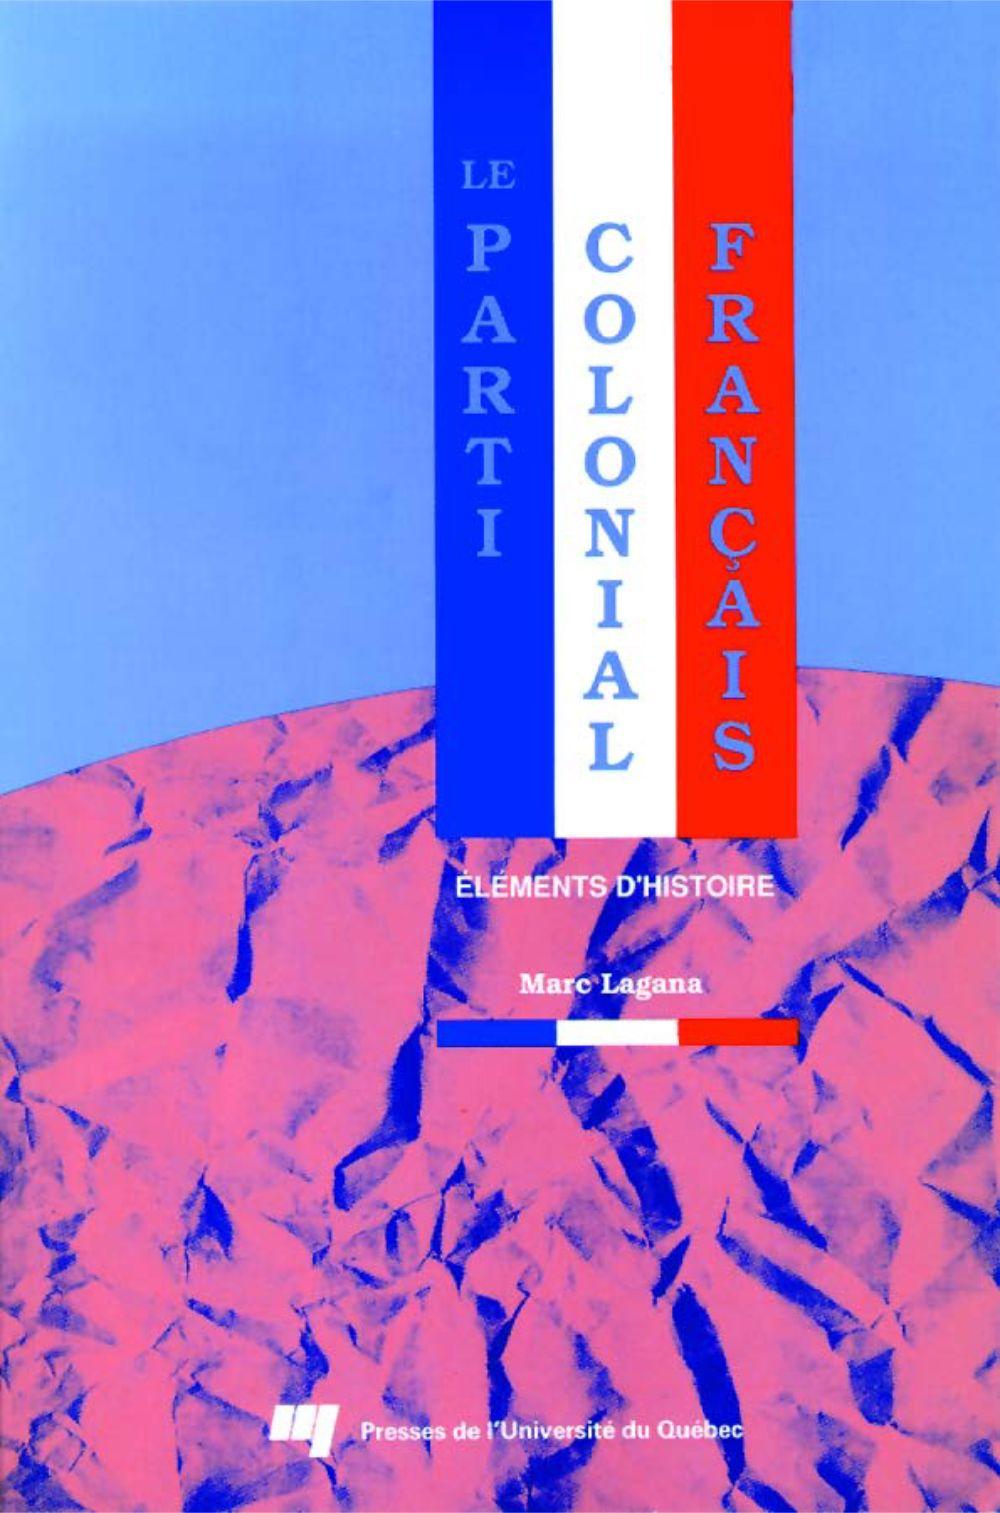 Le parti colonial français